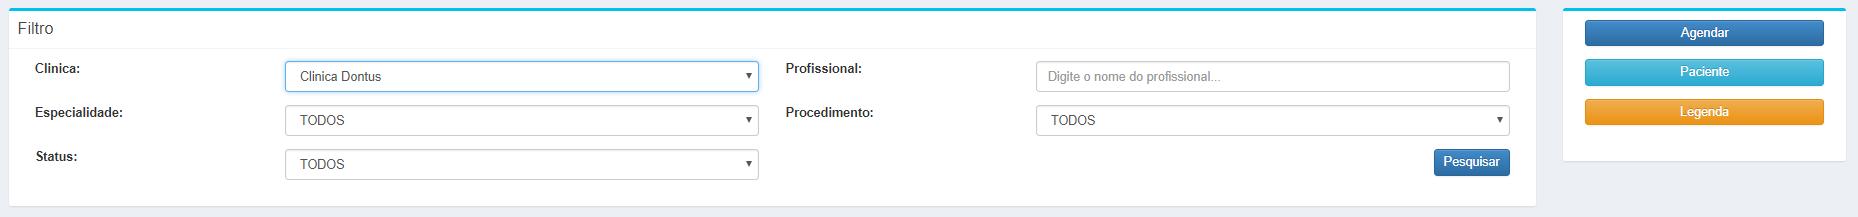 Dontus_Agendamento